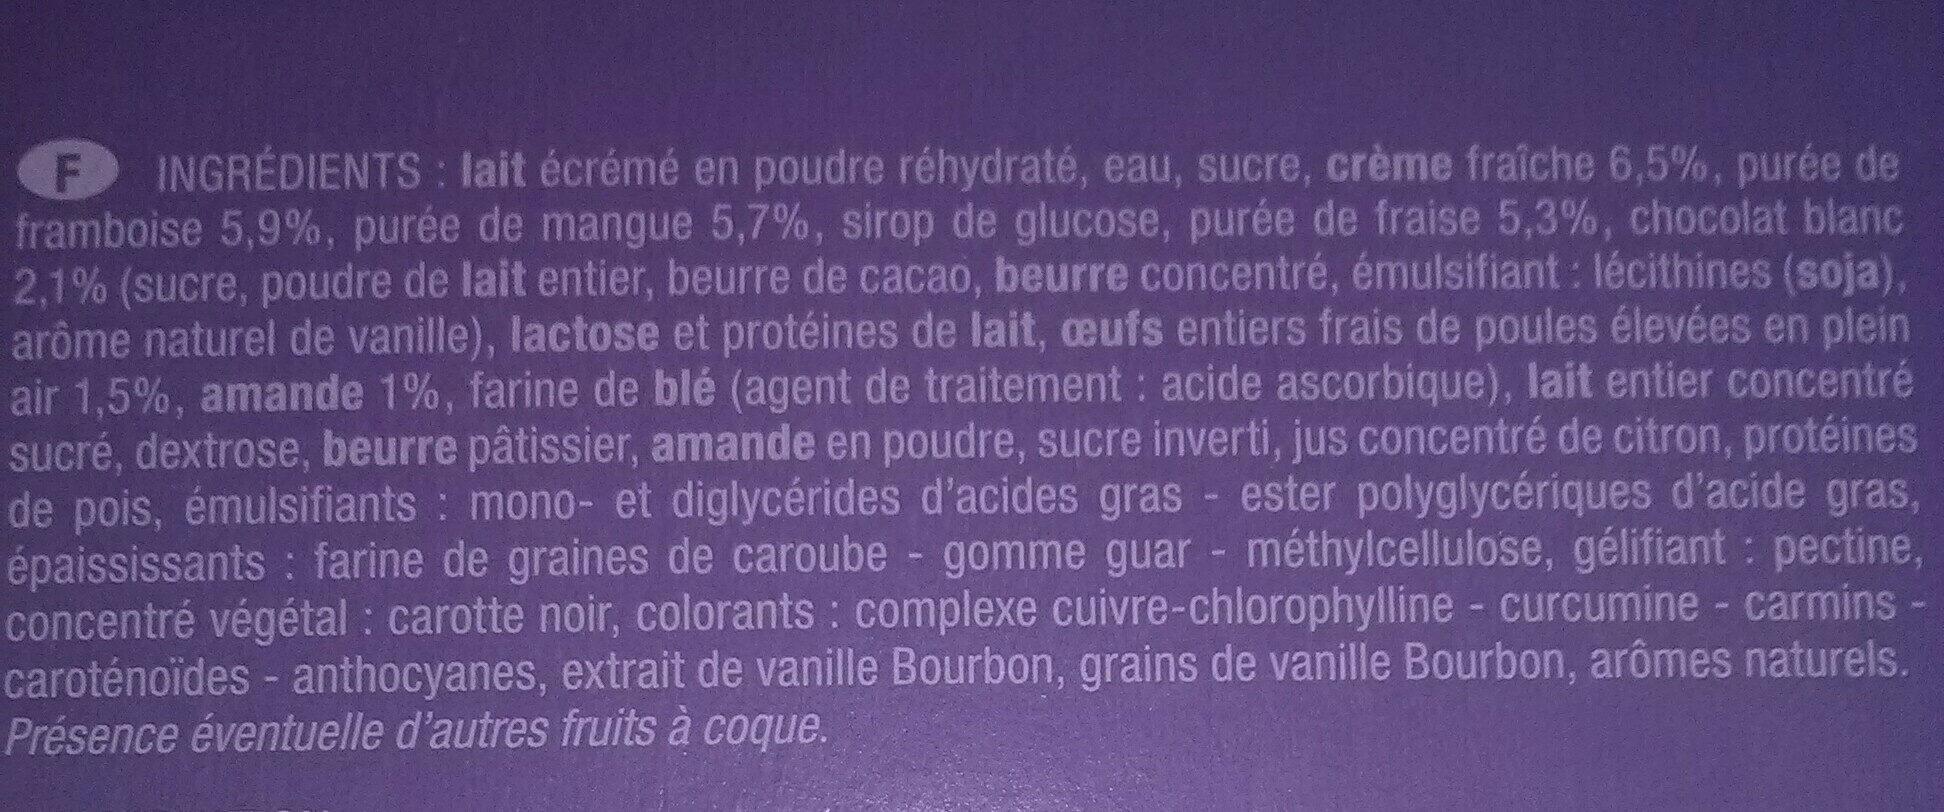 Délice de fruits - Ingredients